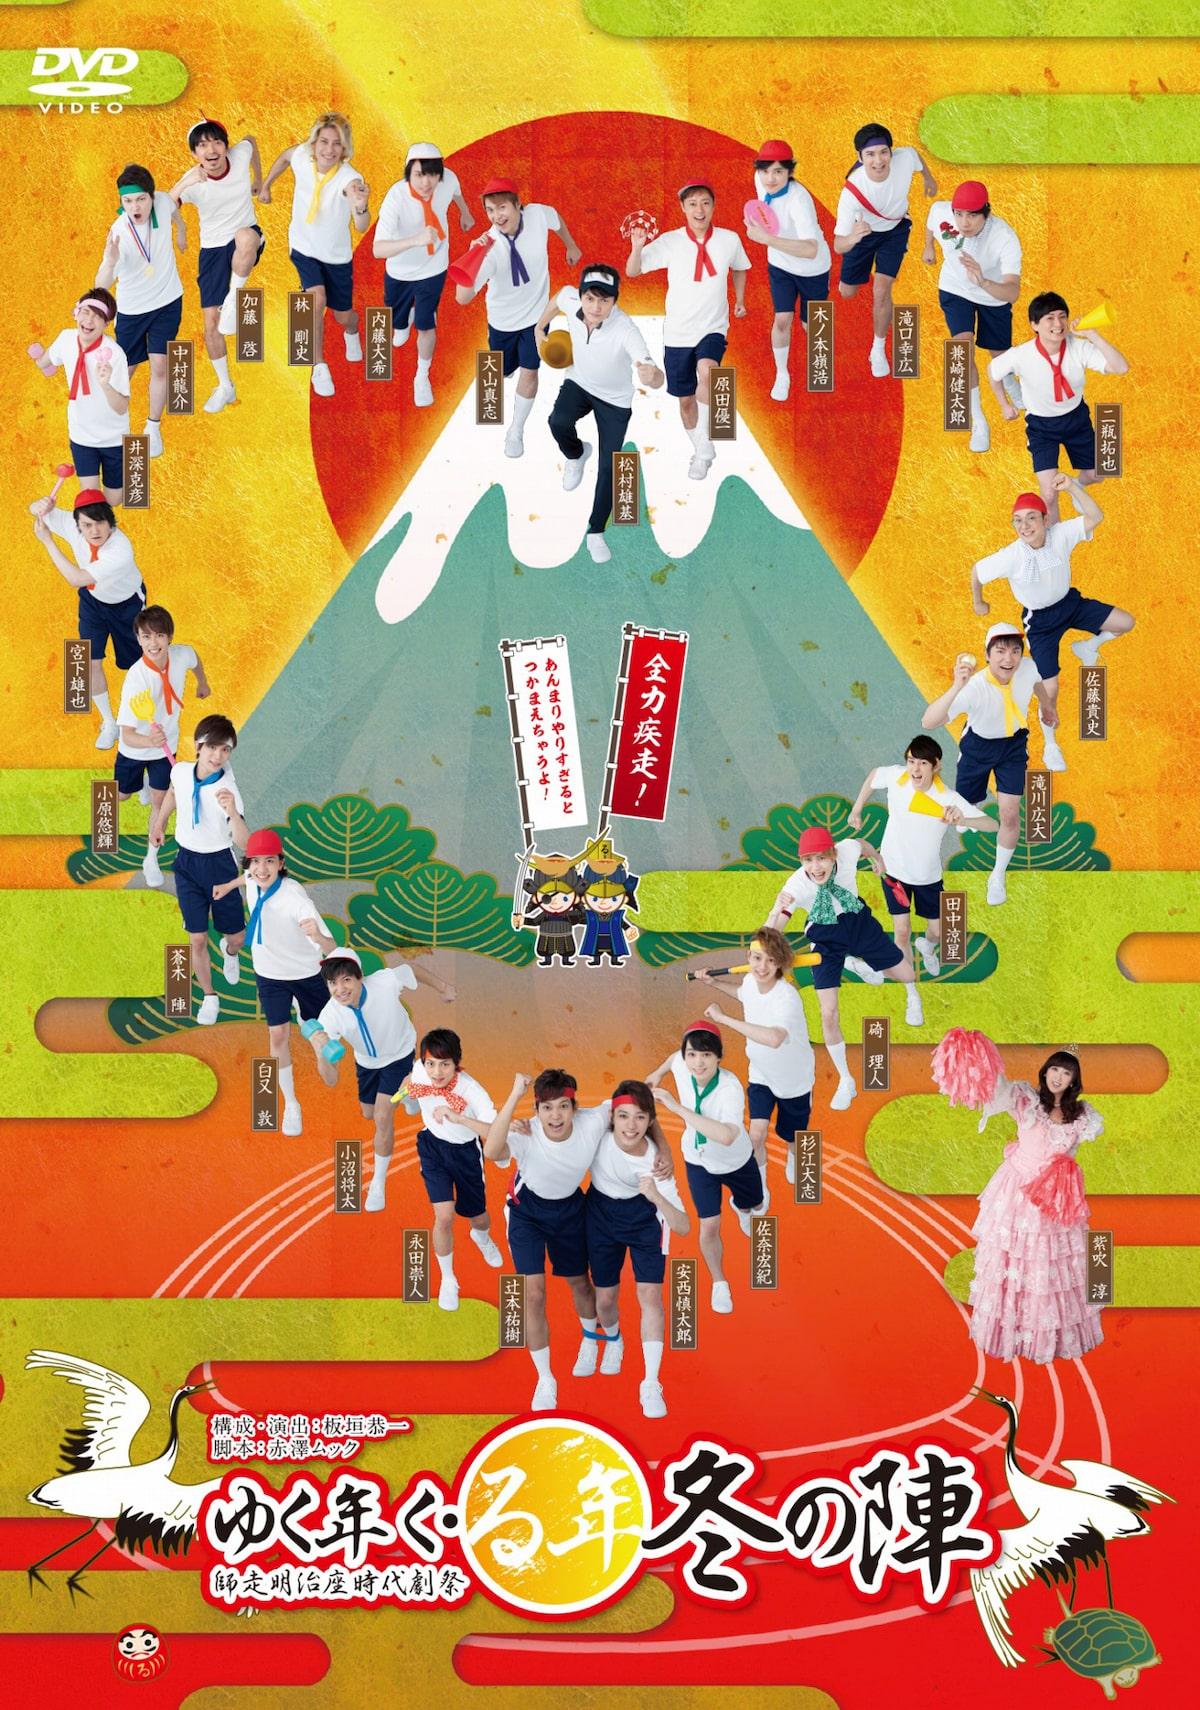 約18時間分収録!安西慎太郎×辻本祐樹W主演「る年冬の陣」DVD発売 ...